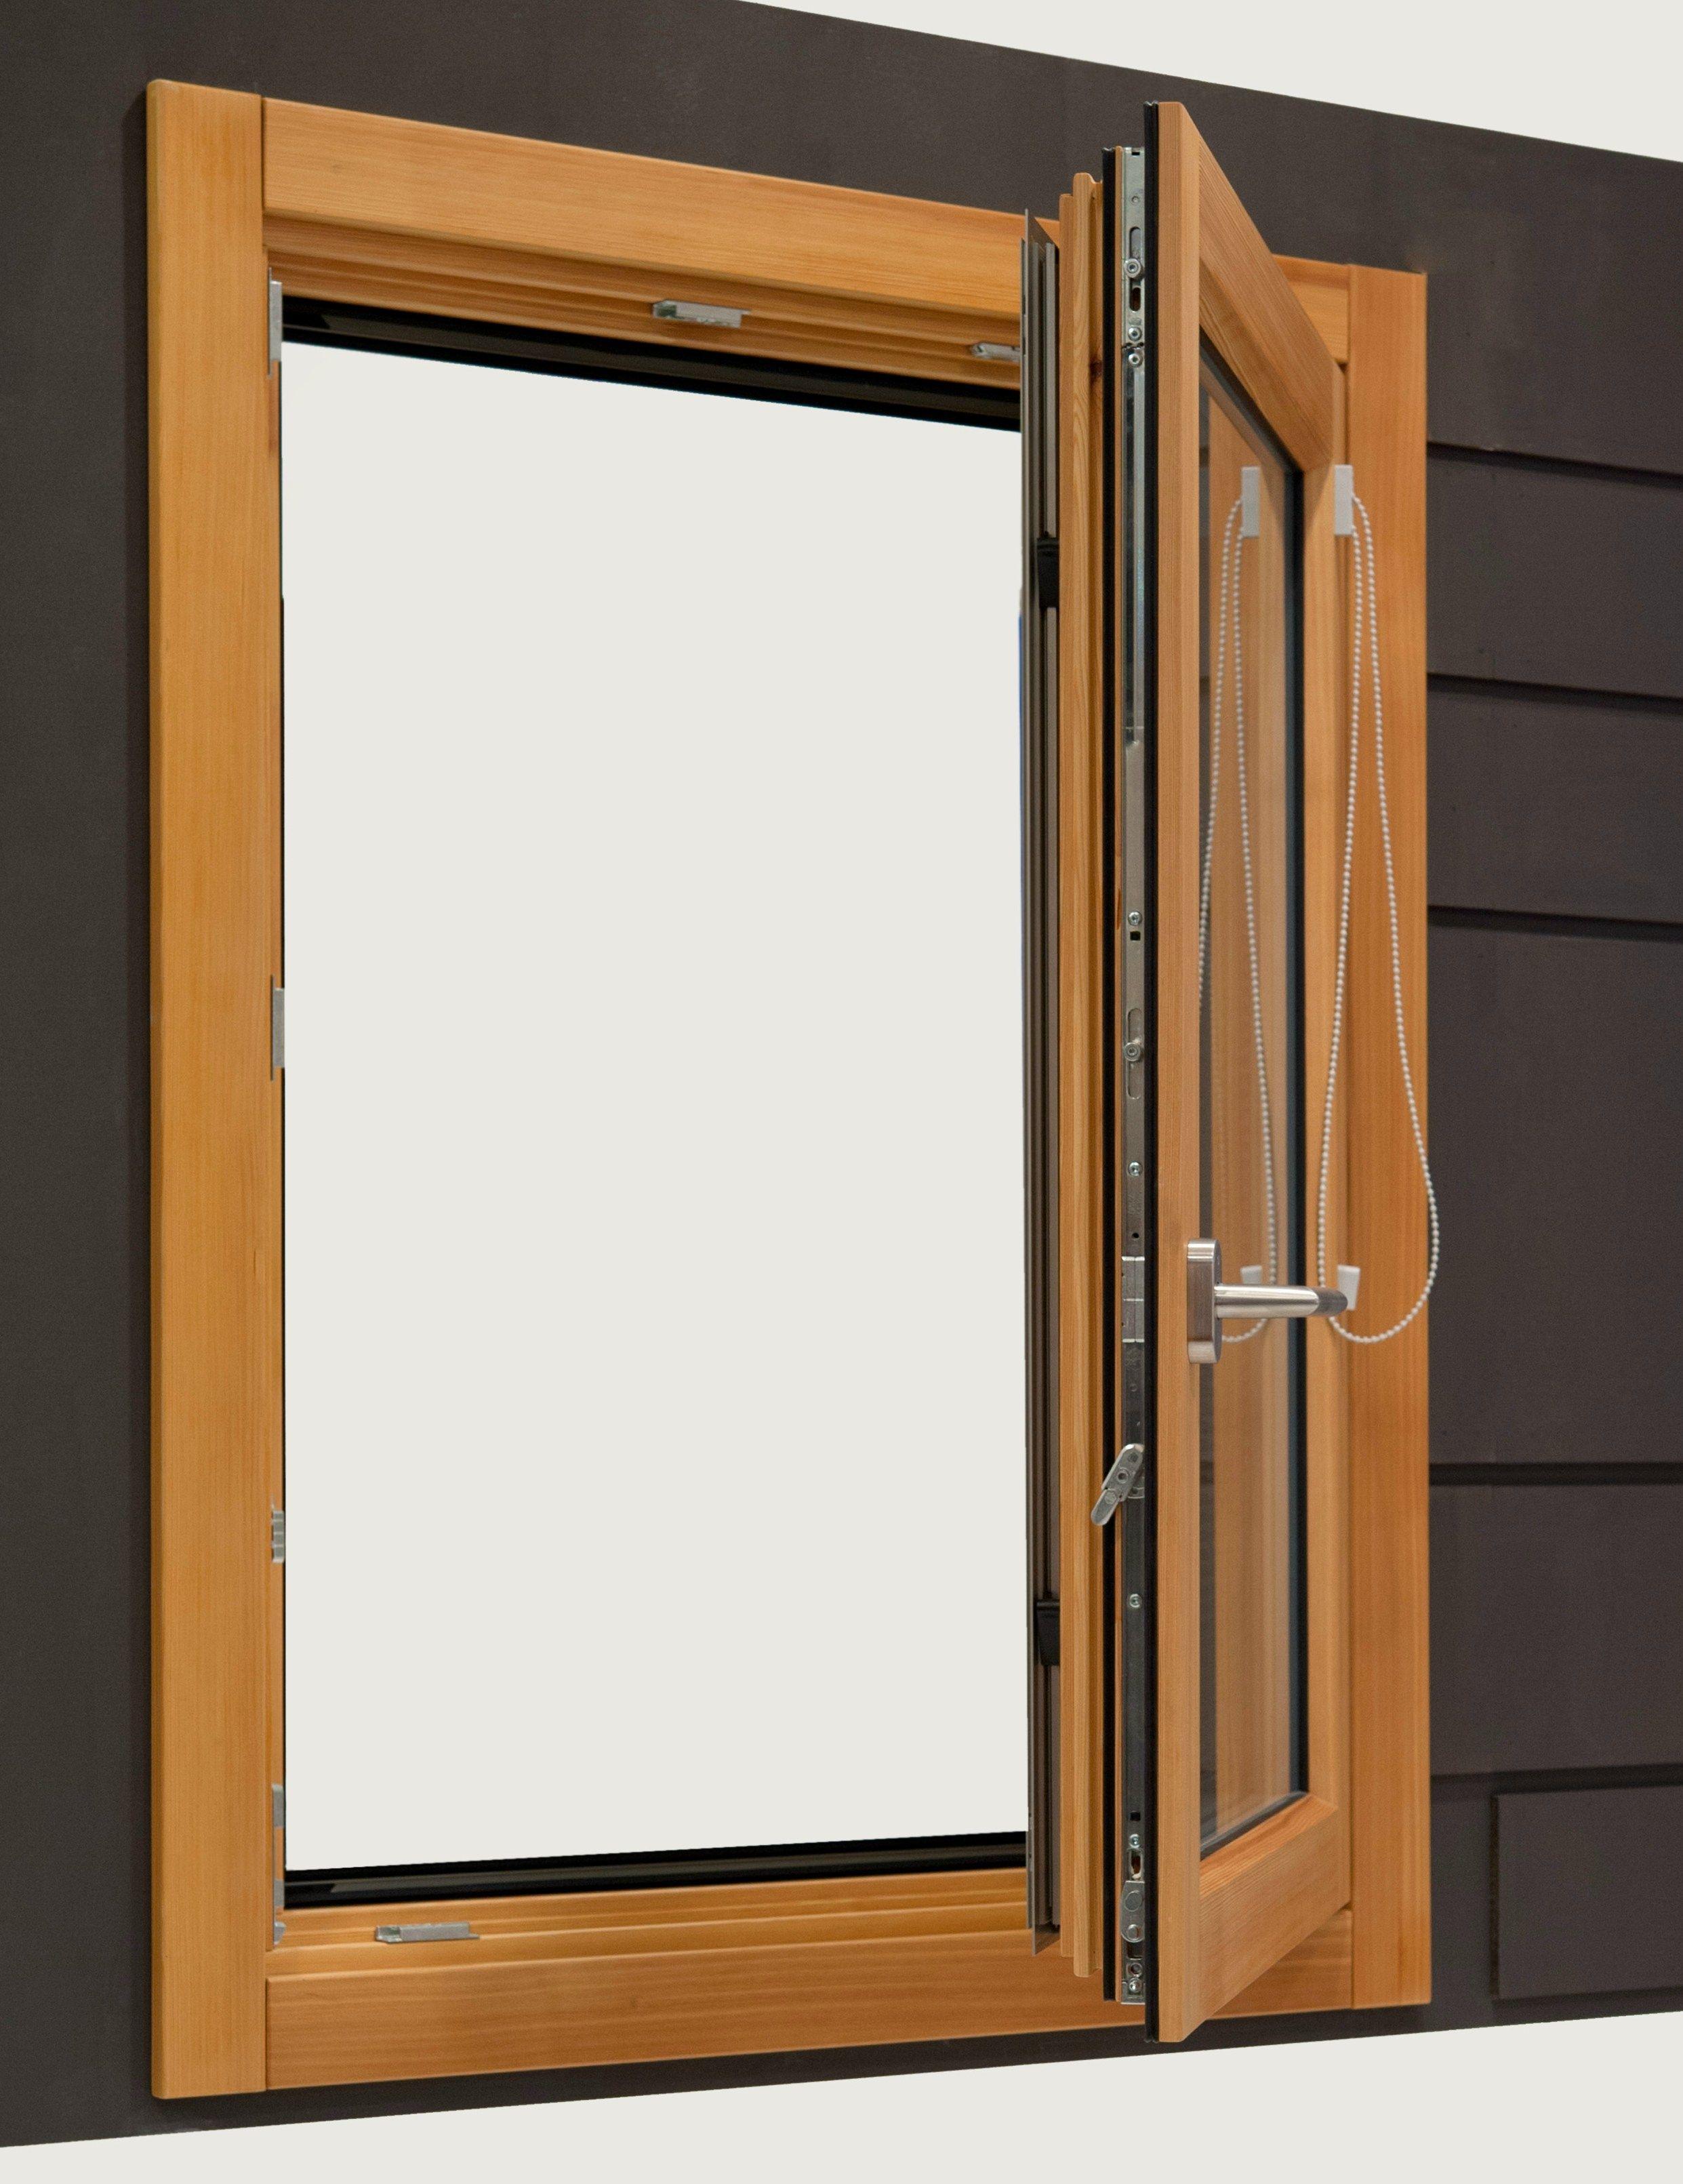 #764B23 invólucro janelas janelas janelas de alumínio madeira 1878 Janela De Aluminio Reforçada